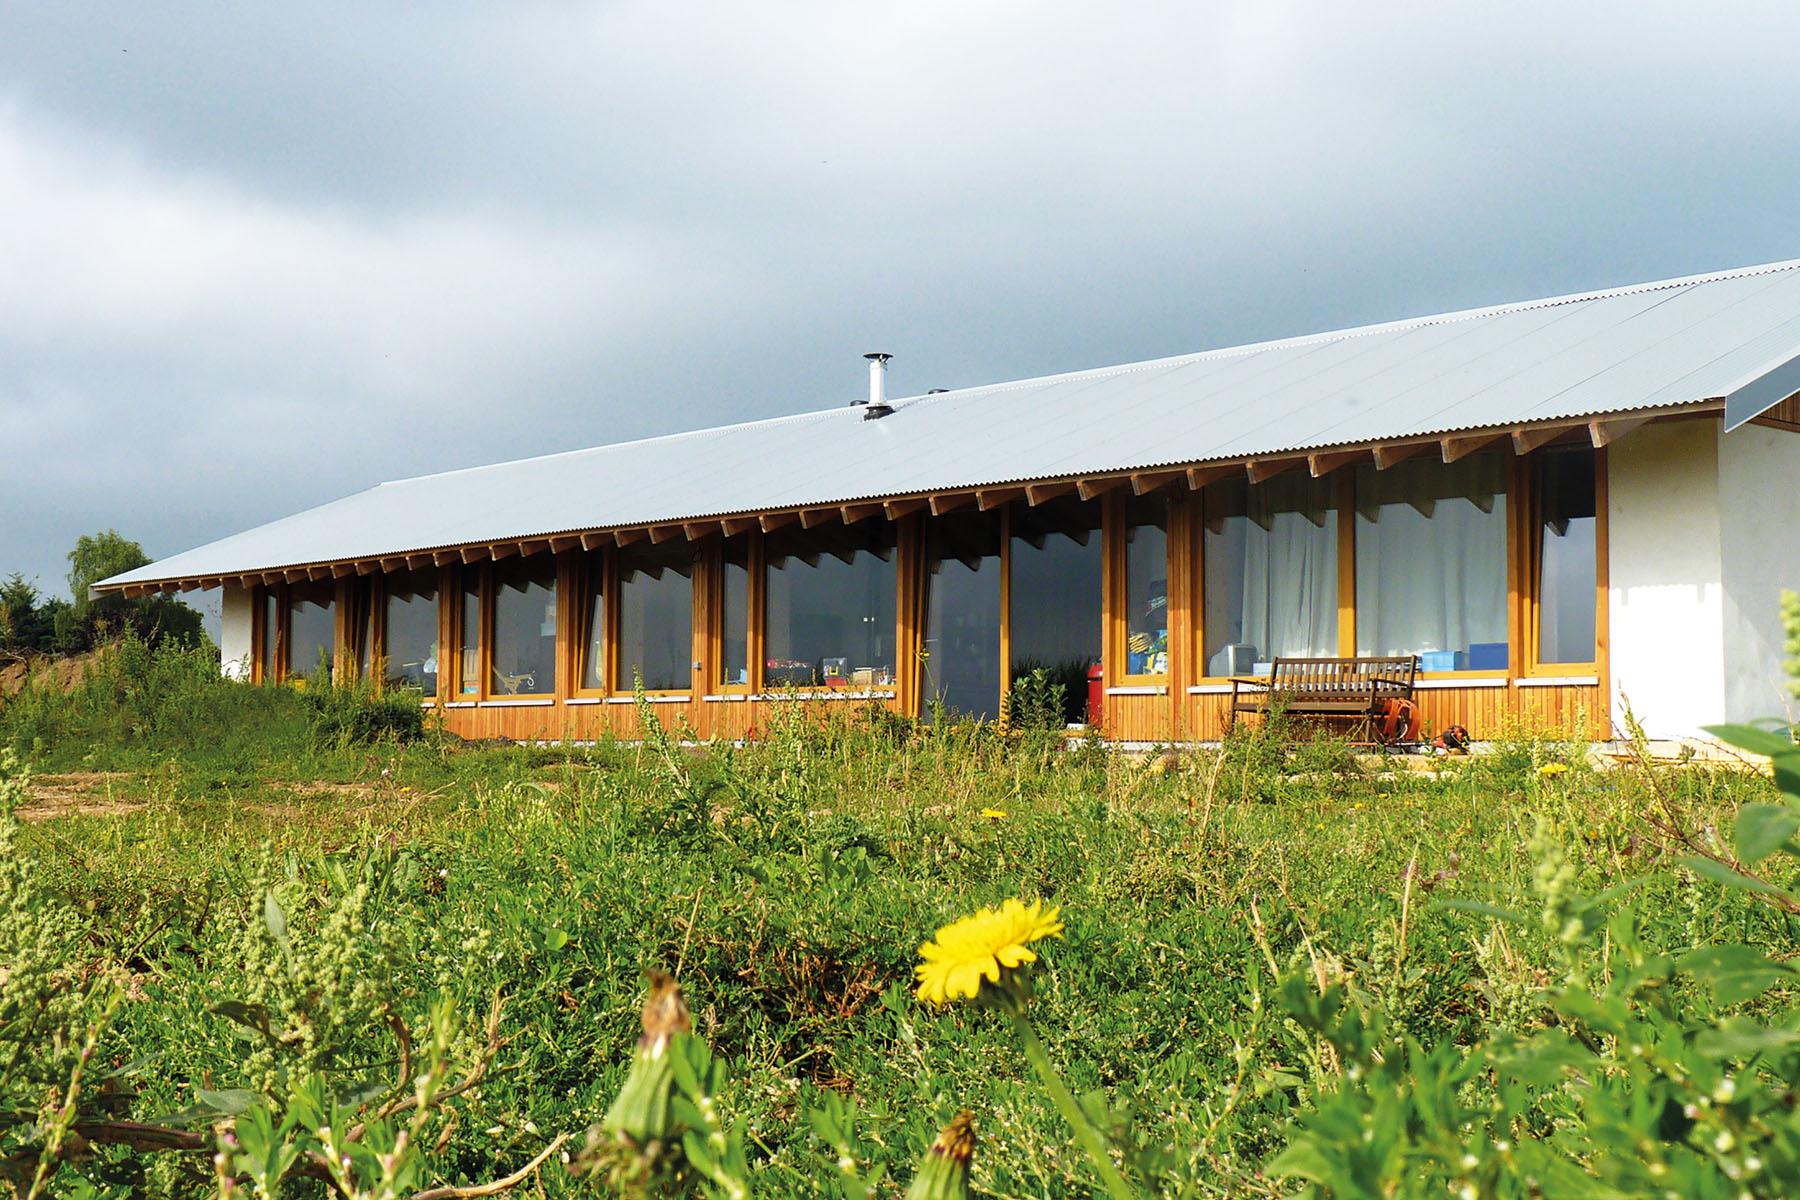 Maison écologique construite en ballots de paille porteuse. crédit Corentin Desmichelle